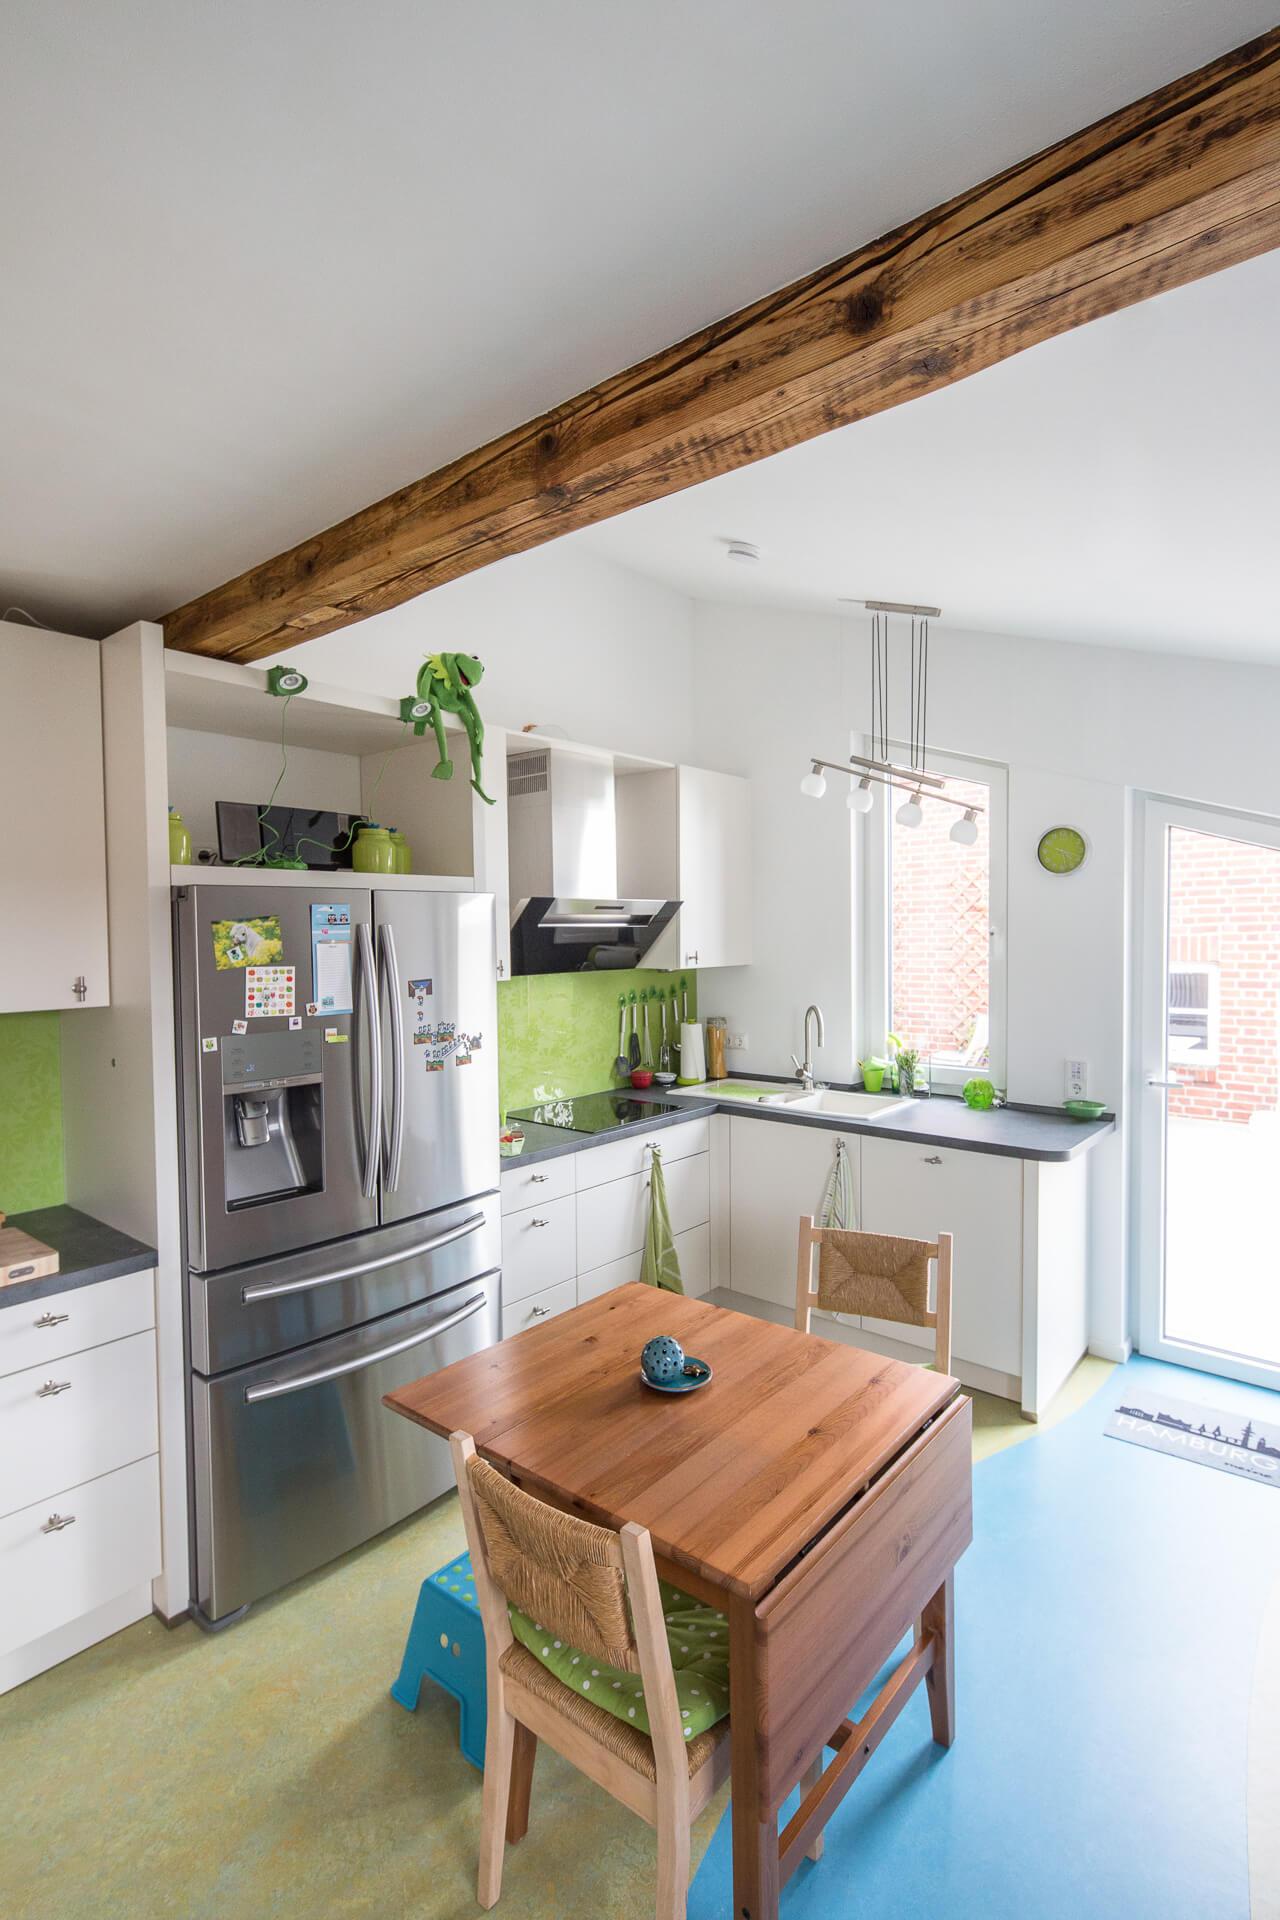 Foto Ryan Baugestaltung Anbau-Francop moderne Wohnkueche mit grossem Kuehlschrank und Tisch